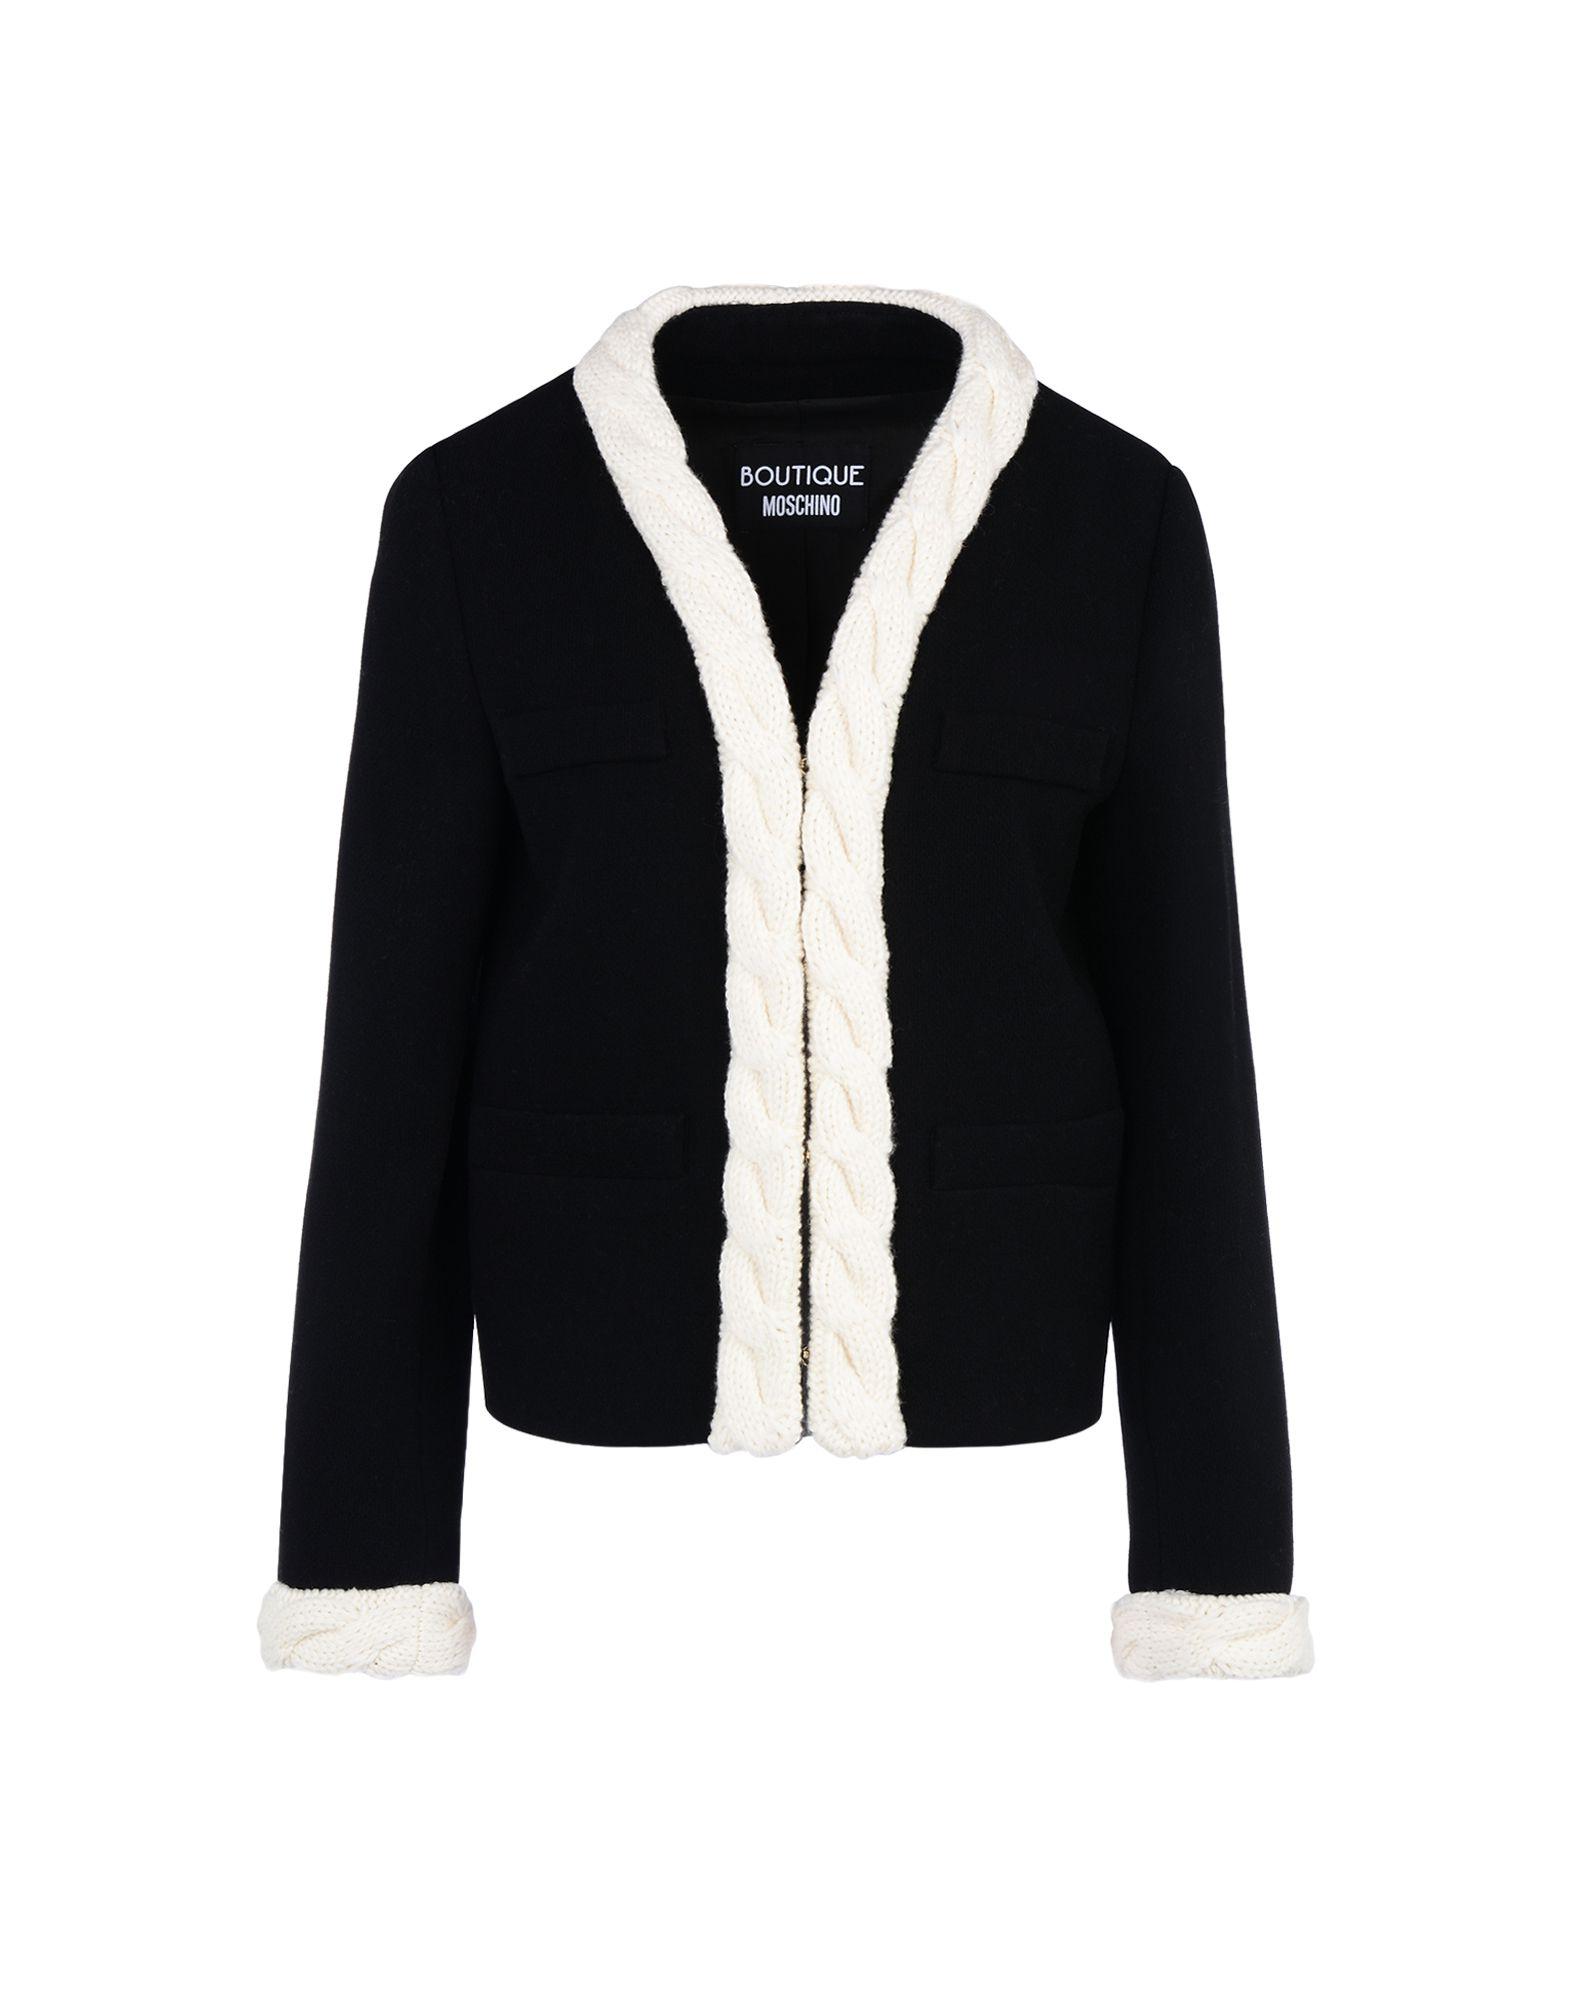 Giacca Boutique Moschino Donna - Acquista online su cNz6kg